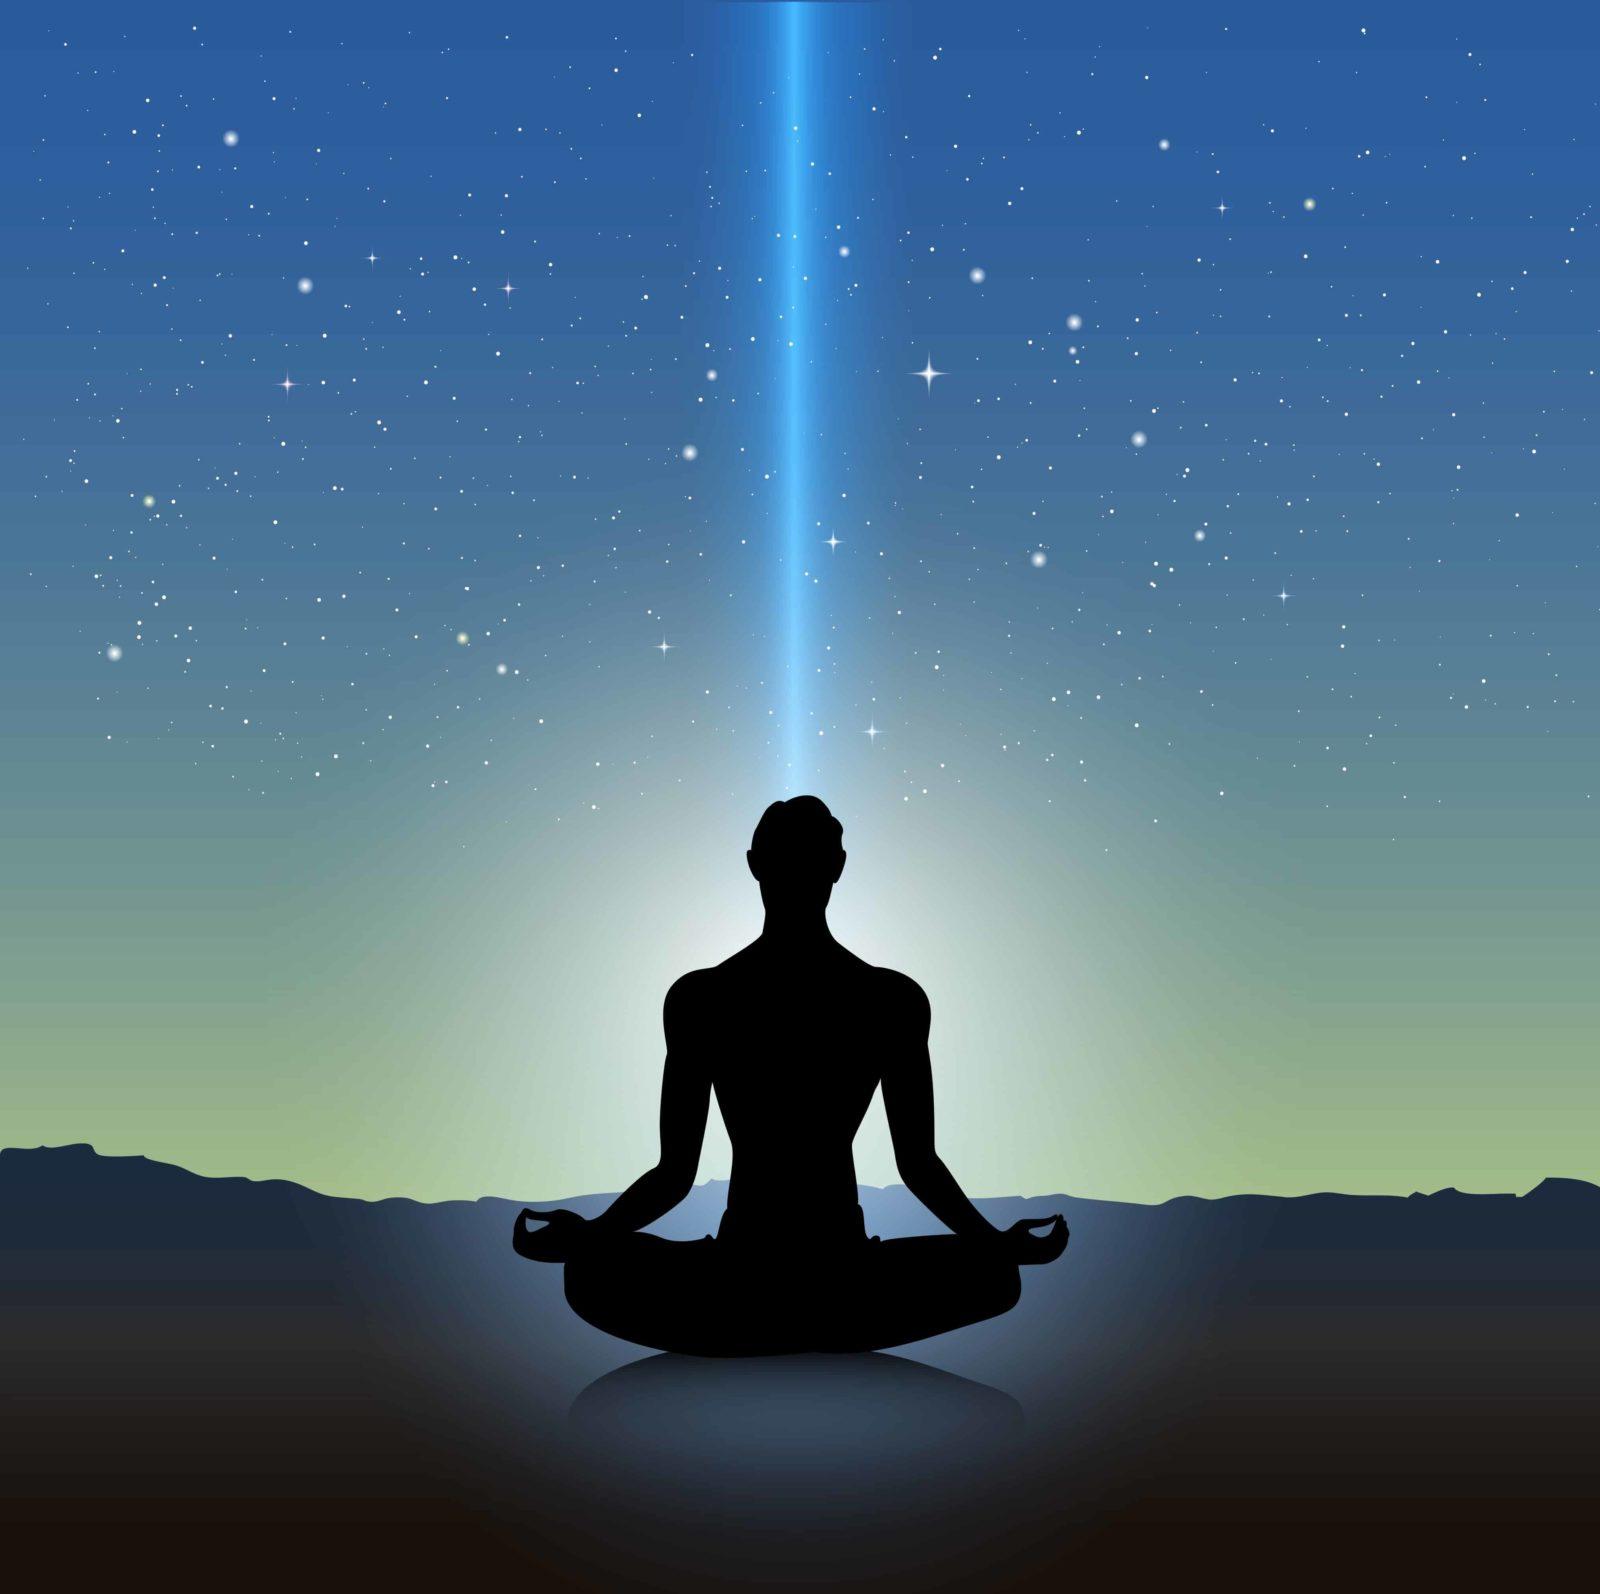 宇宙能量可以修復物質身體的所有疾病